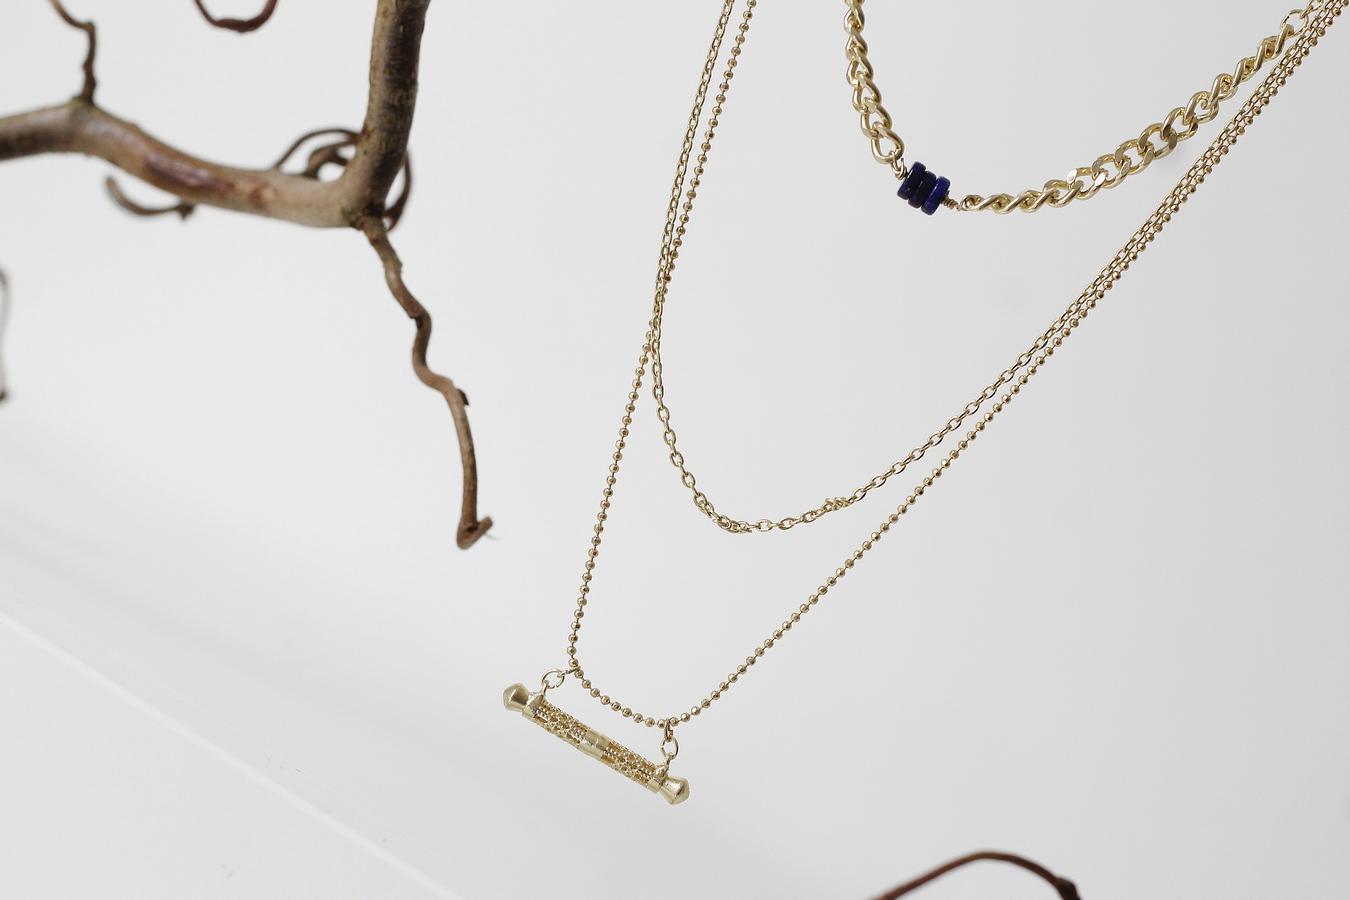 emma et chloé janvier - box bijoux - promo - bijoux - bresma - avis